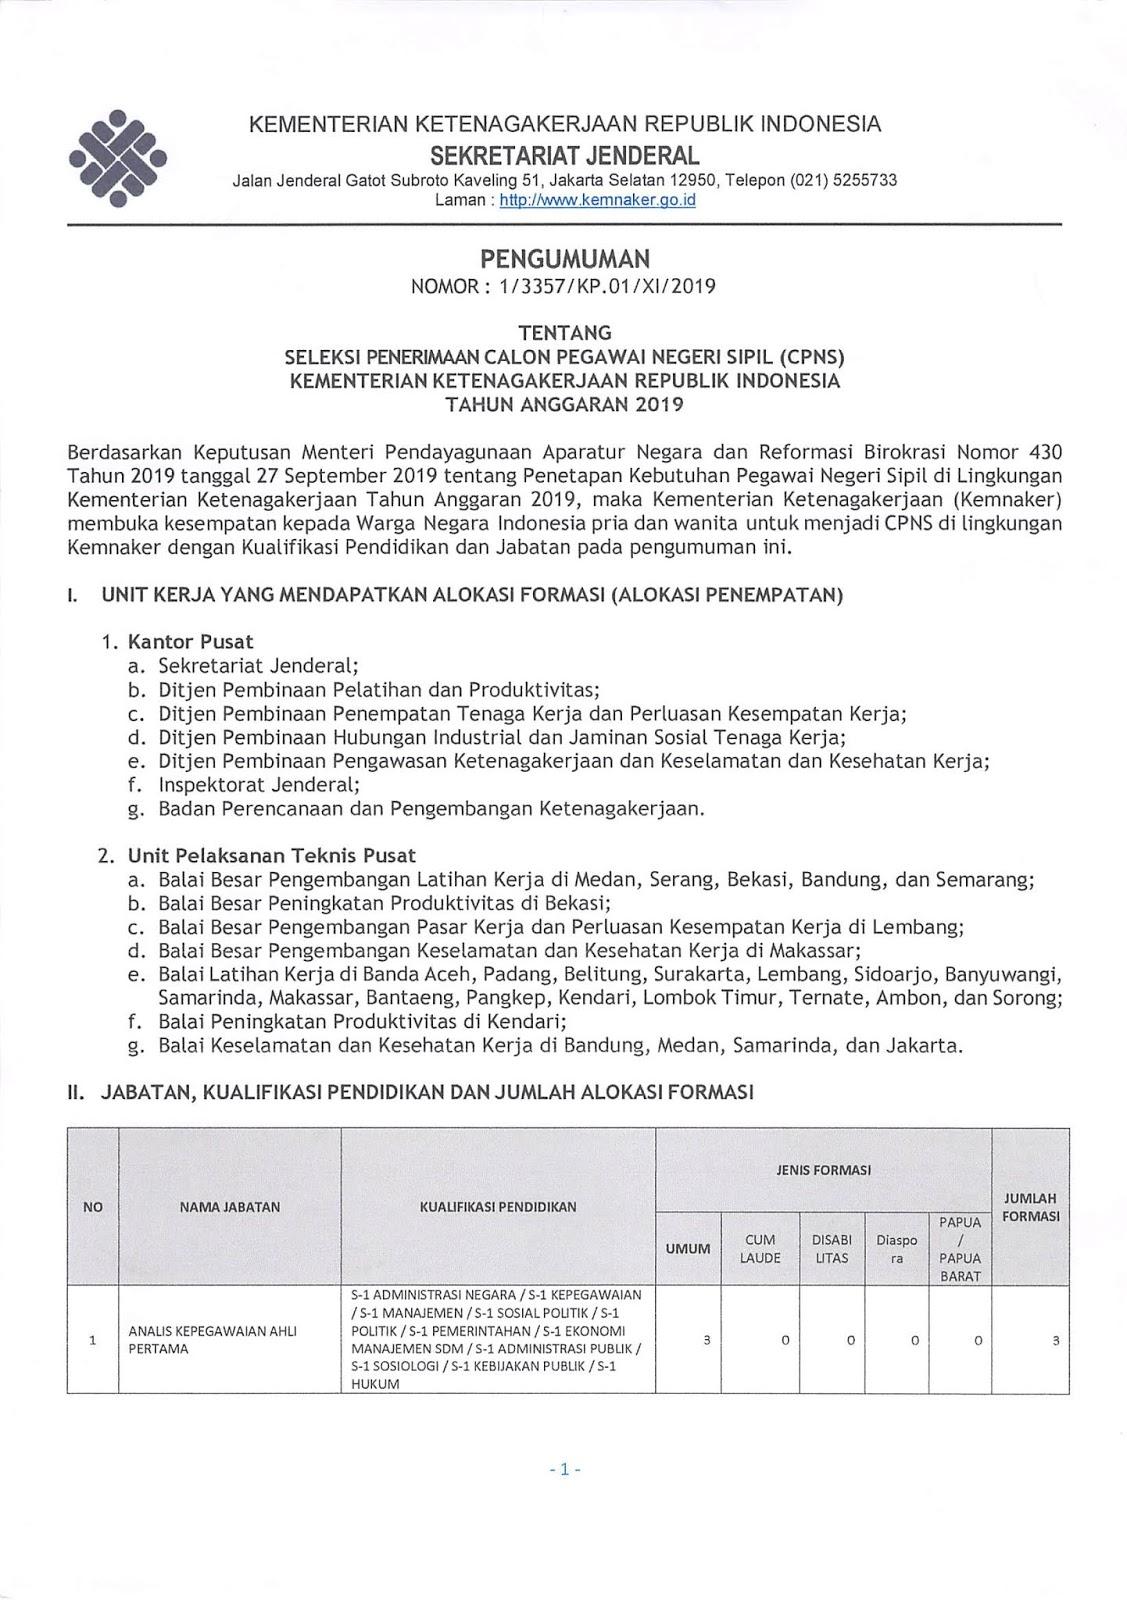 Lowongan CPNS KEMNAKER (Kementerian Ketenagakerjaan) Tahun Anggaran 2019 [416 Formasi]